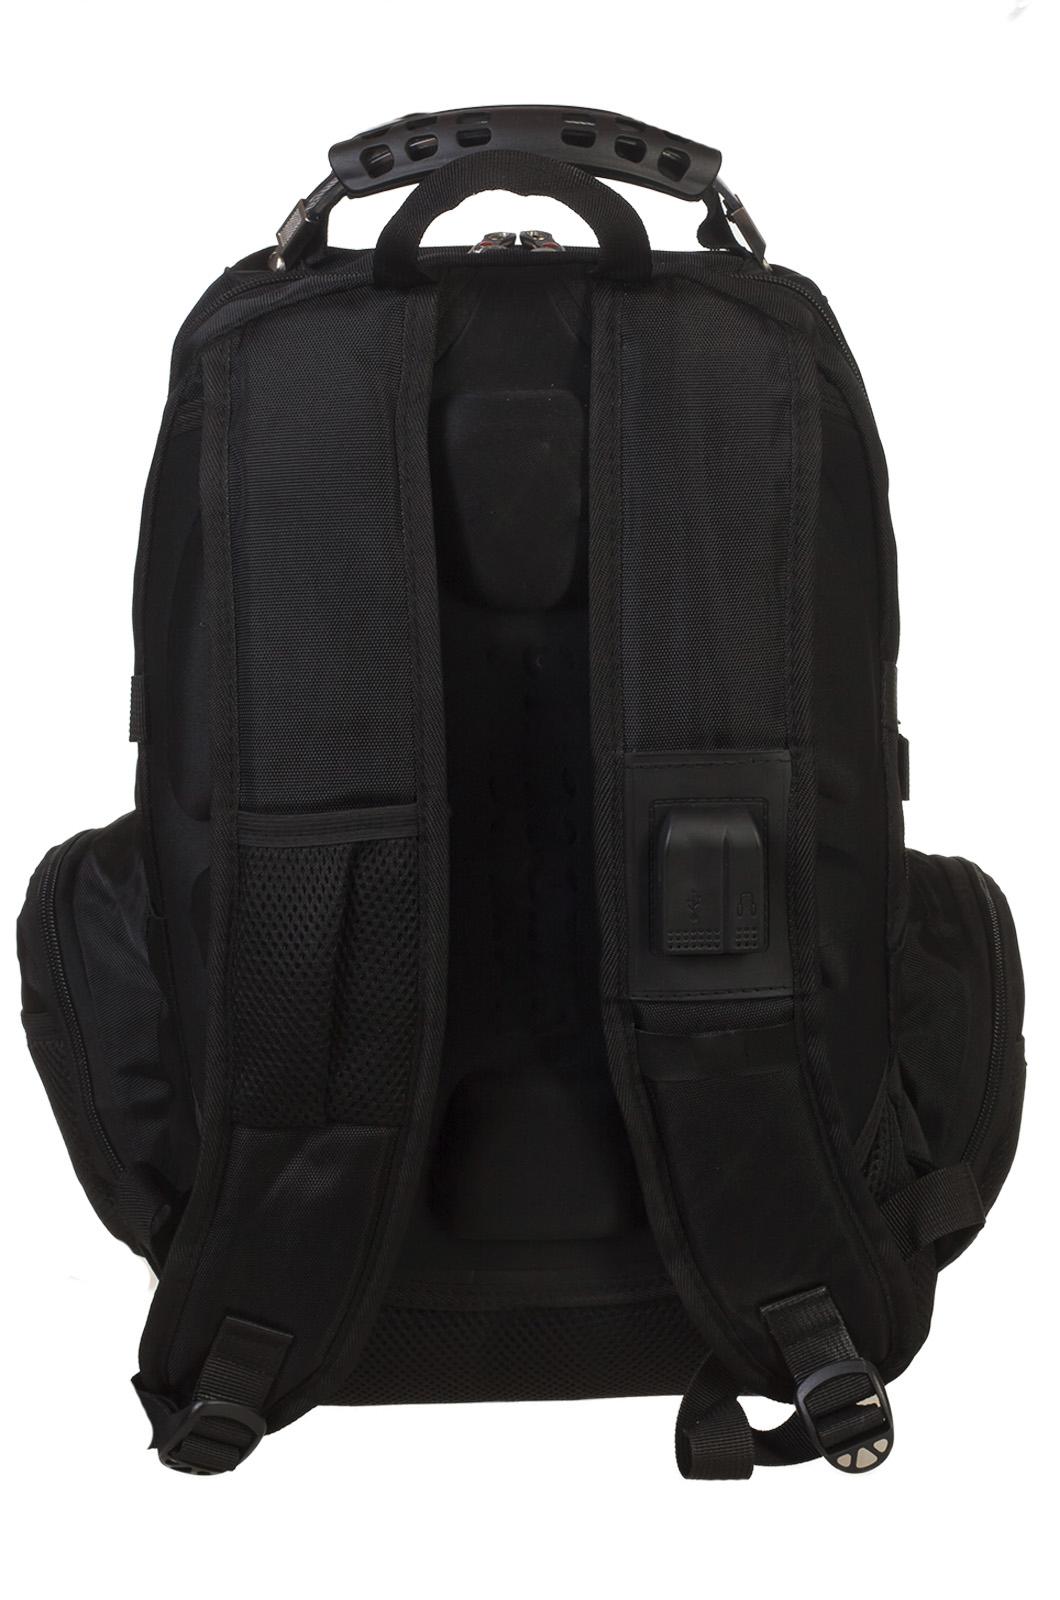 Заказать топовый городской рюкзак с охотничьей нашивкой Ни пуха, ни пера!